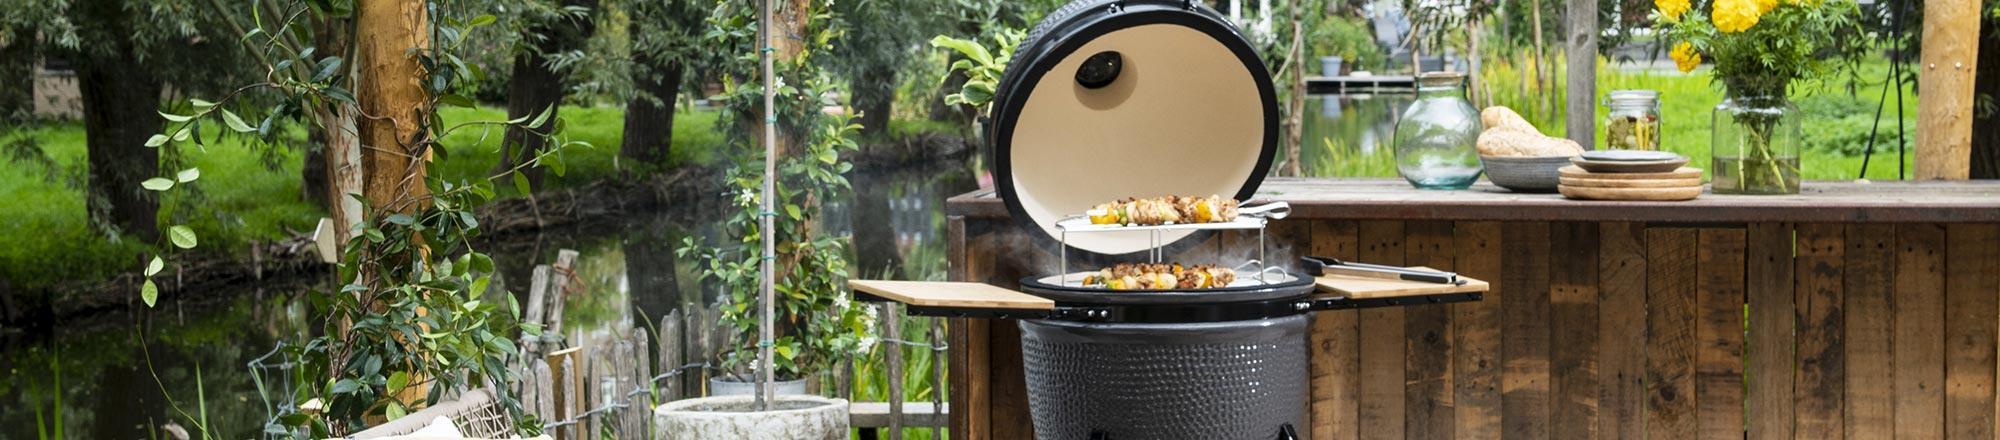 De ultieme kamadogids: wat moet ik weten over dit type barbecue?